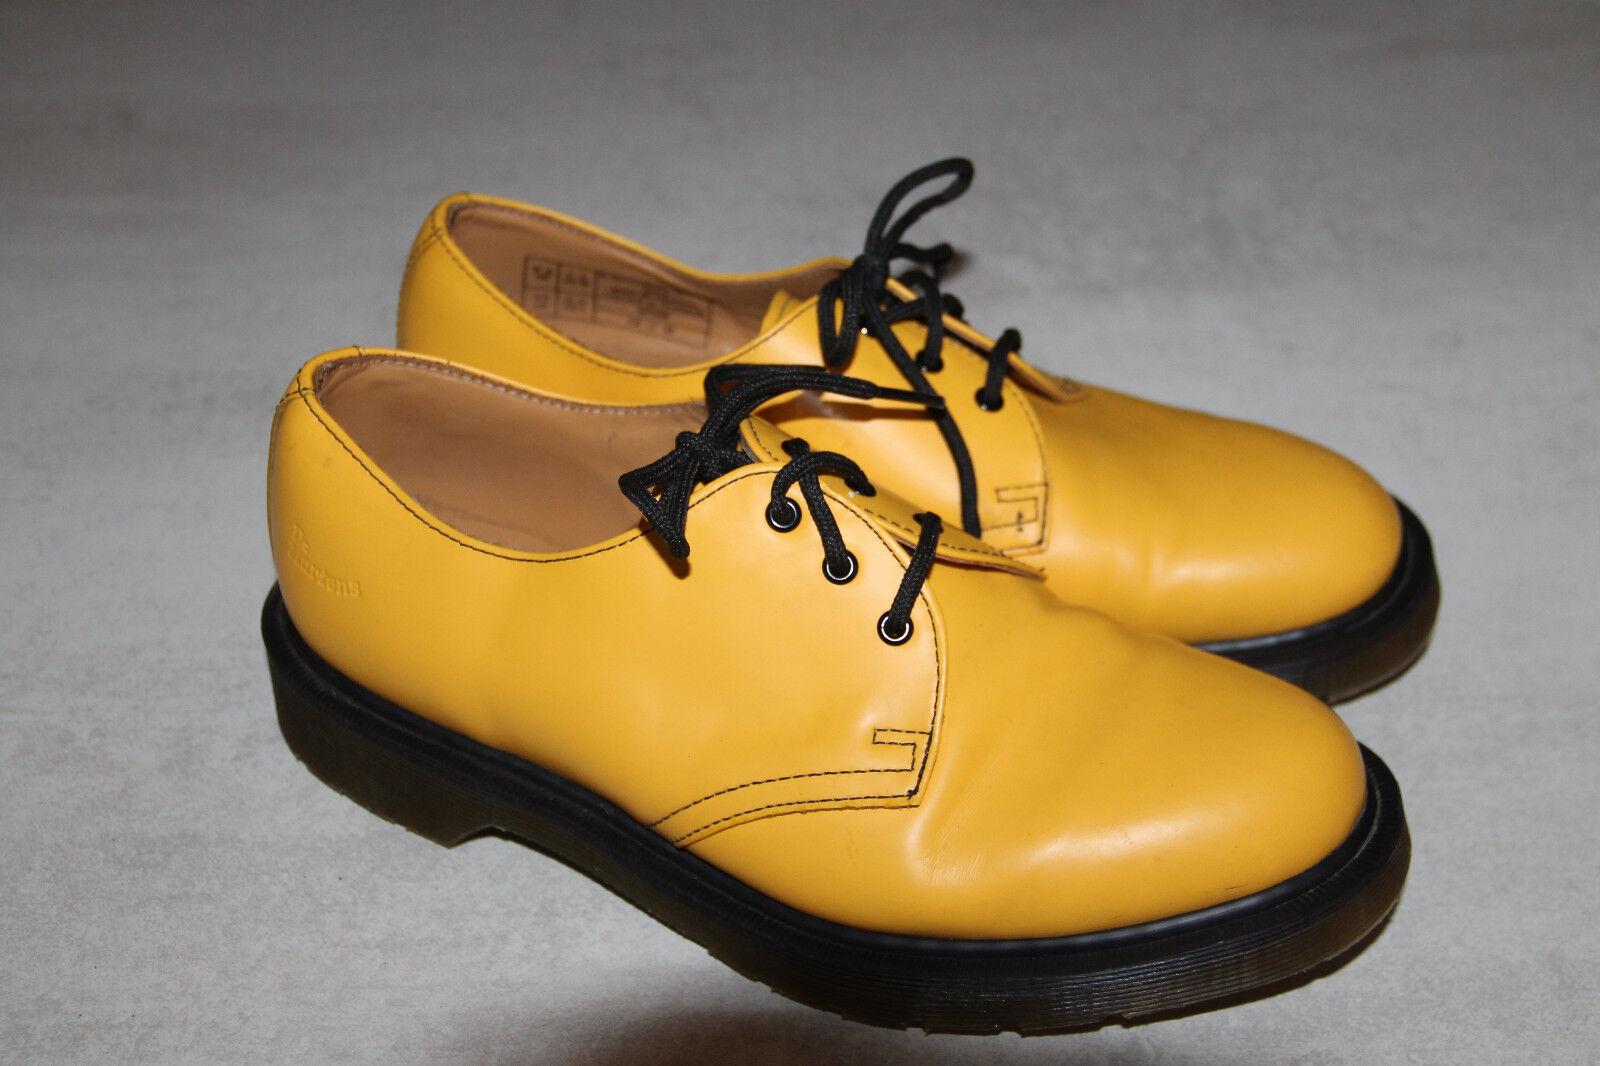 Schuhe di cuoio giallo giallo cuoio DR MARTENS numero 8,5US-6,5UK eccellenti condizioni 77c6aa